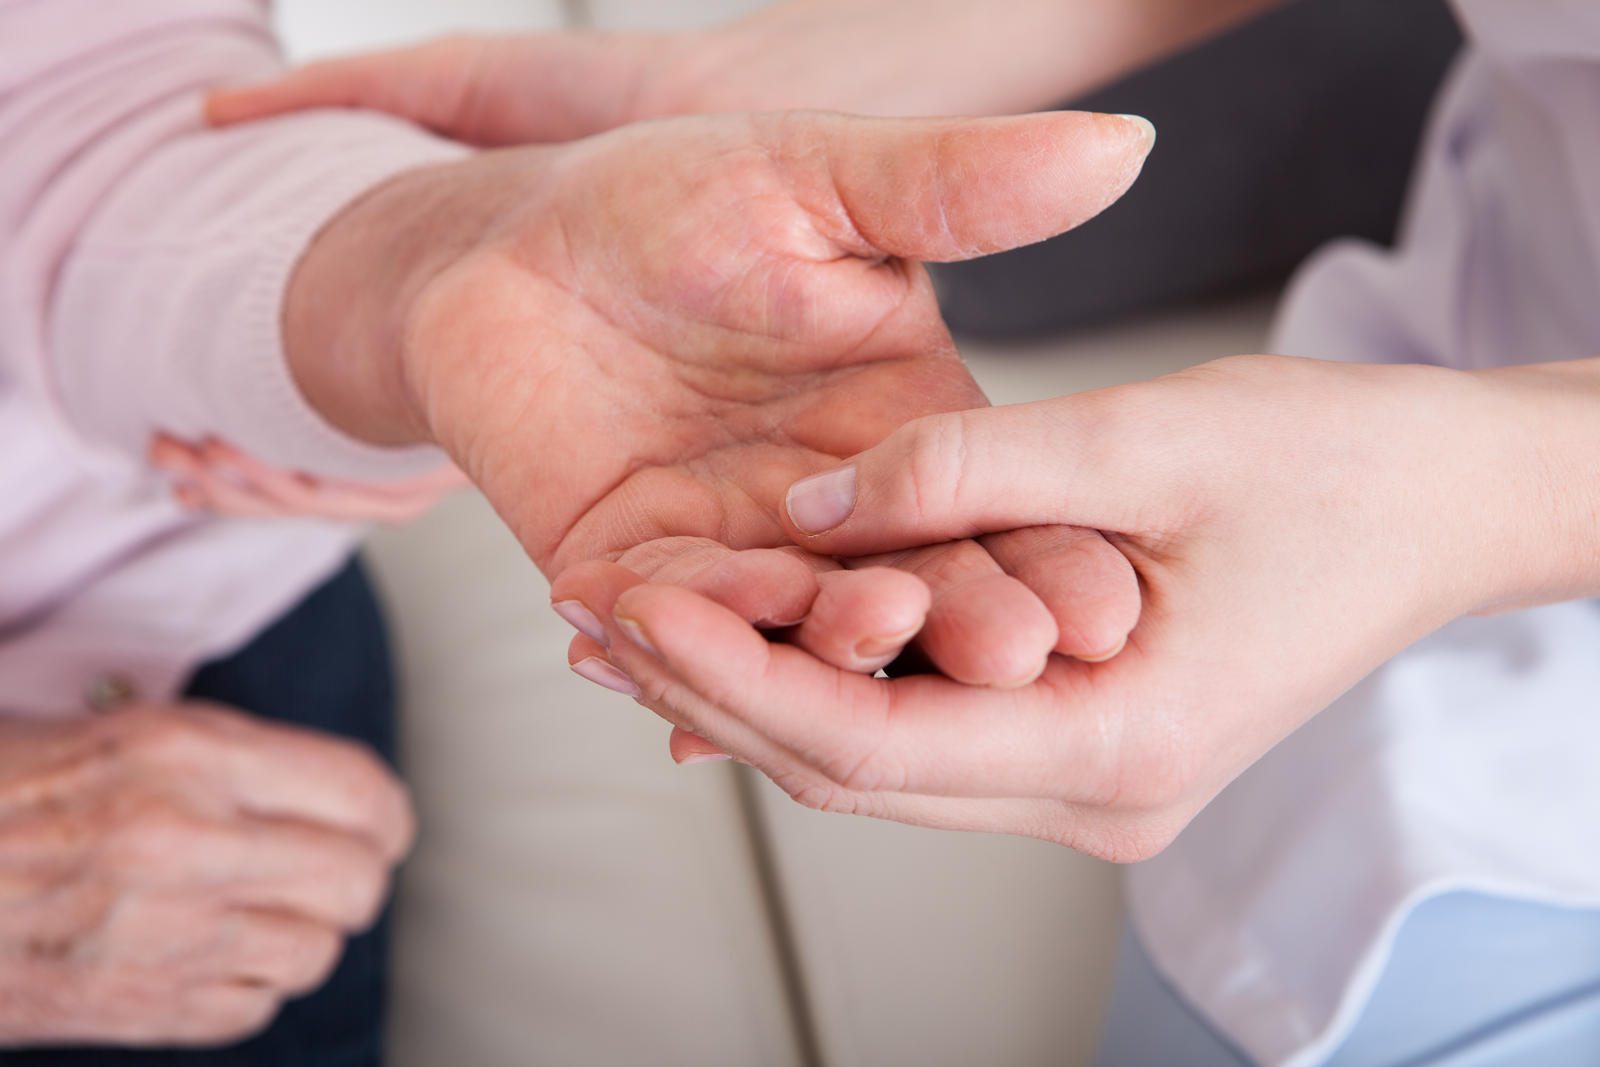 reumatoidinis artritas vaikams apšiltinimo tepalai esantys sąnarių skausmas